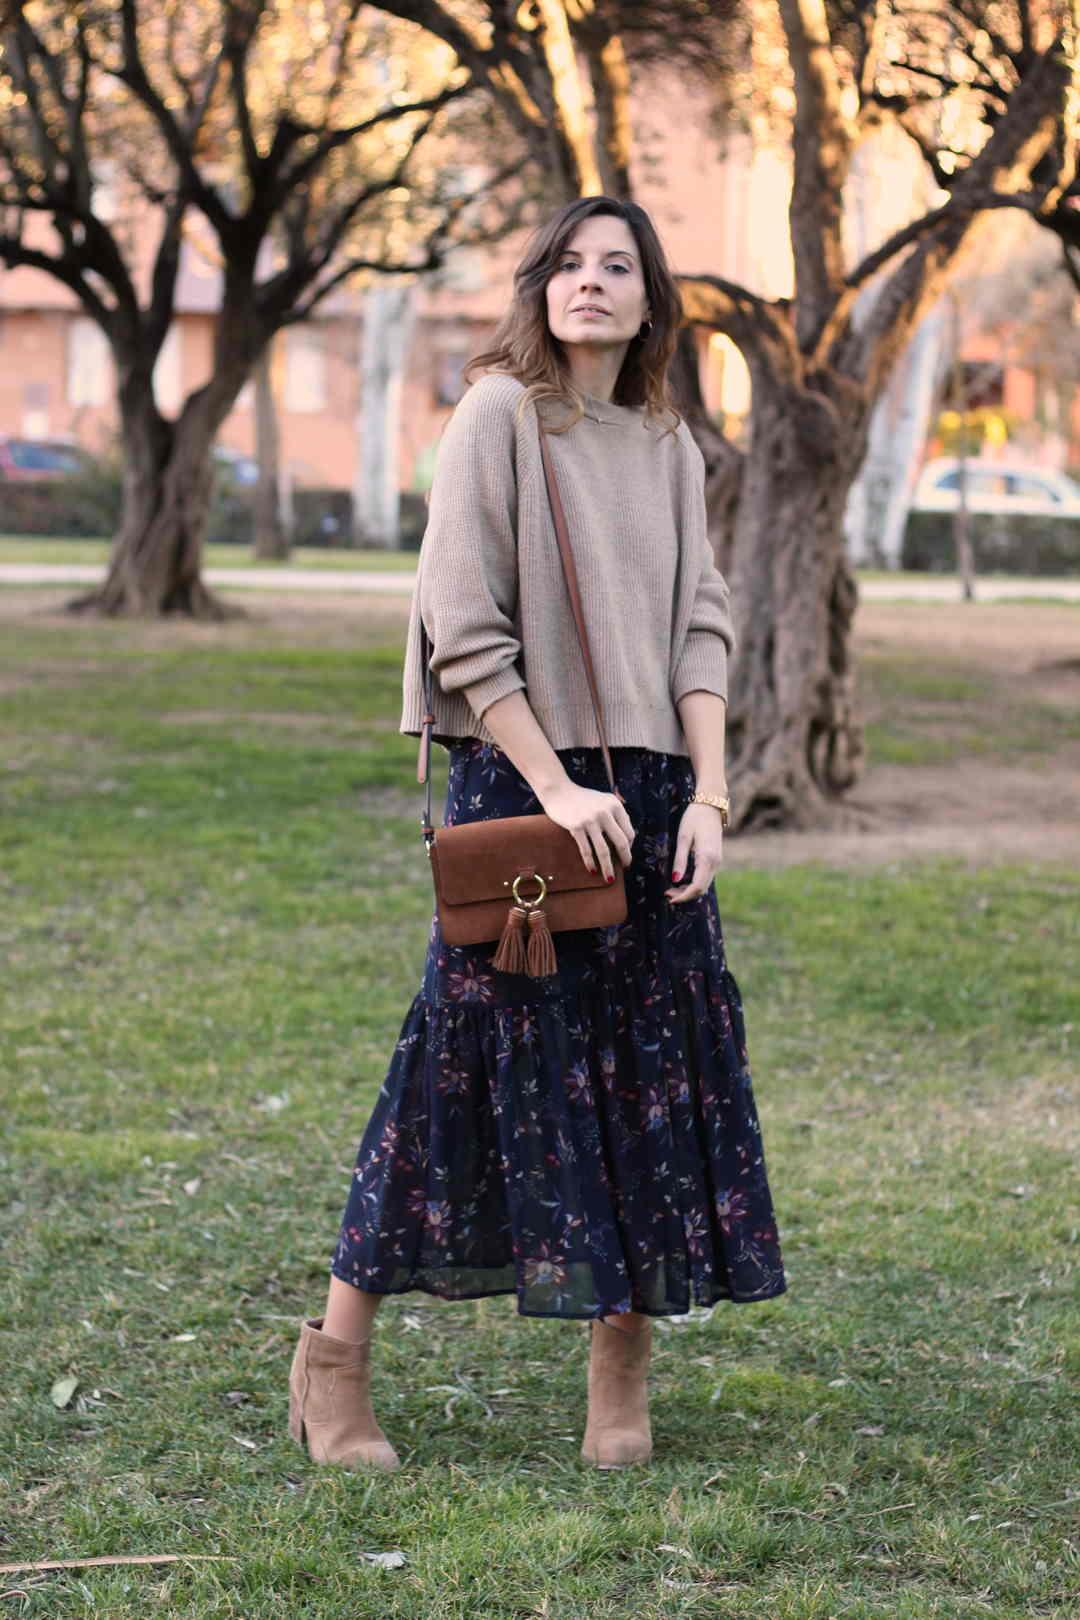 vestidos largos de flores marca polin et moi - fashion blogger